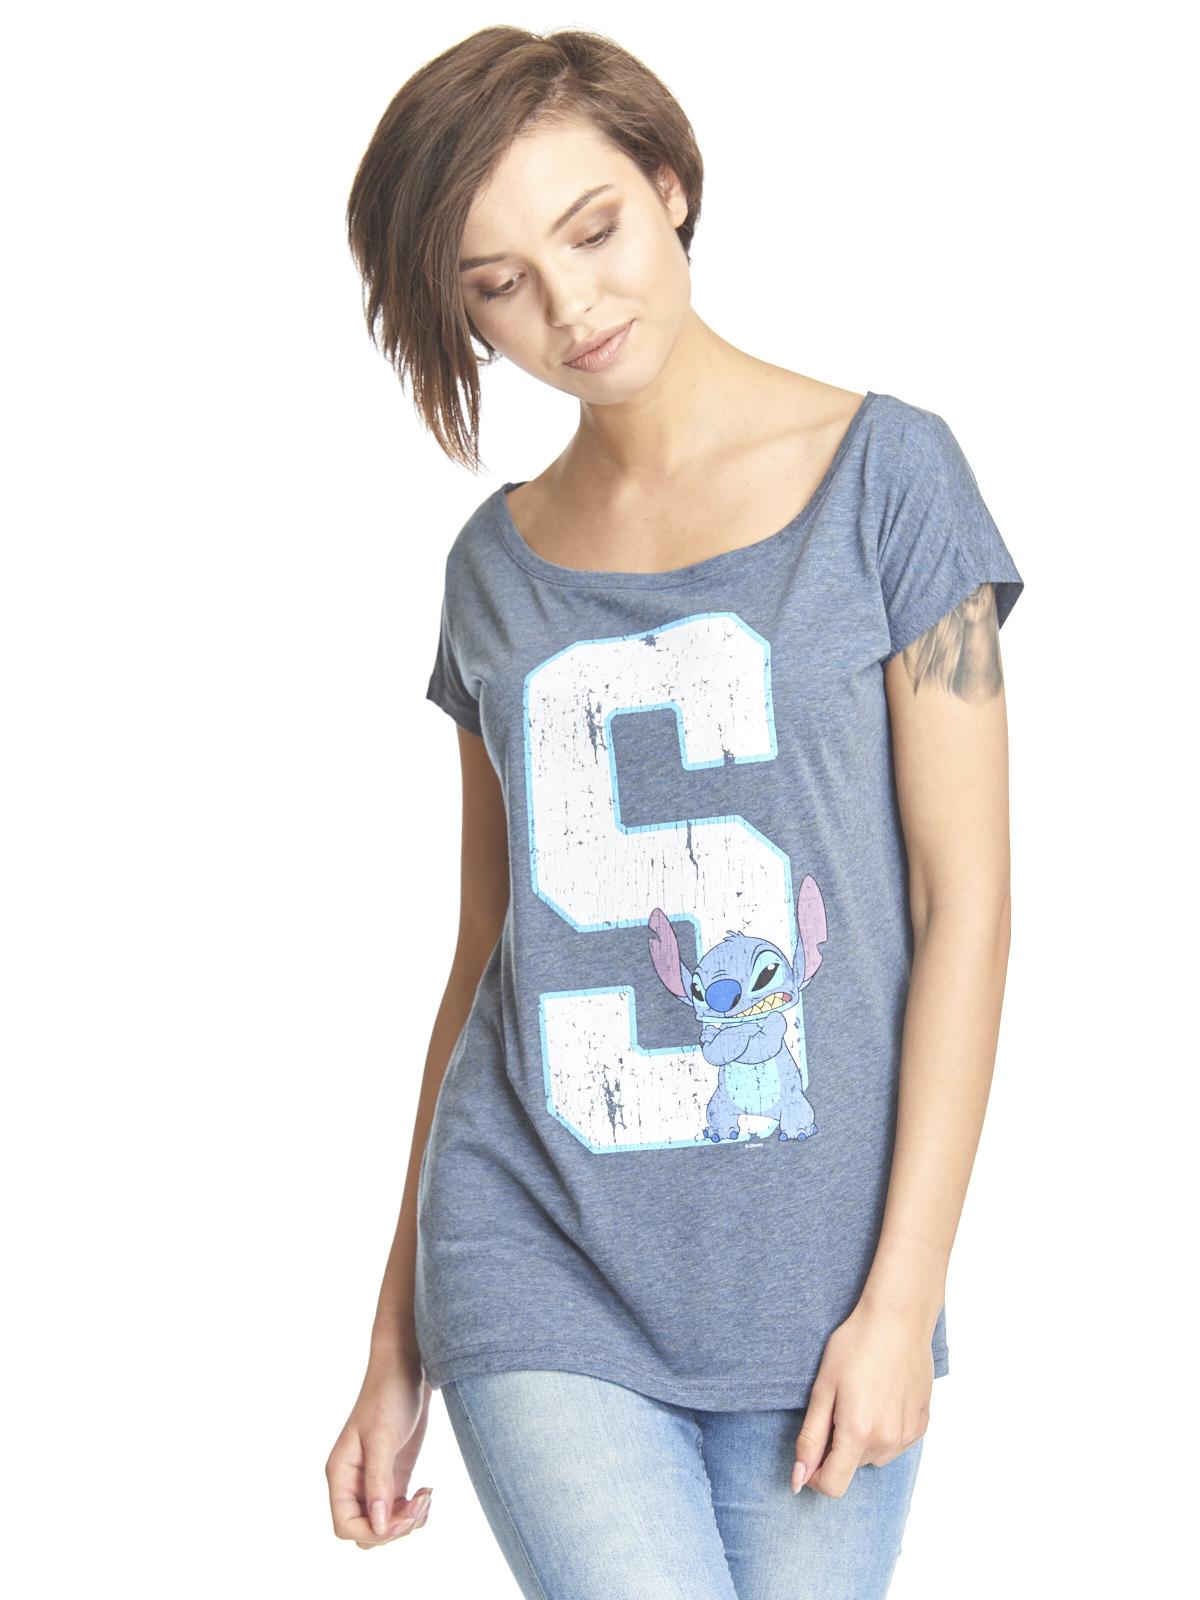 Tee Shirt Lilo et Stitch Adulte